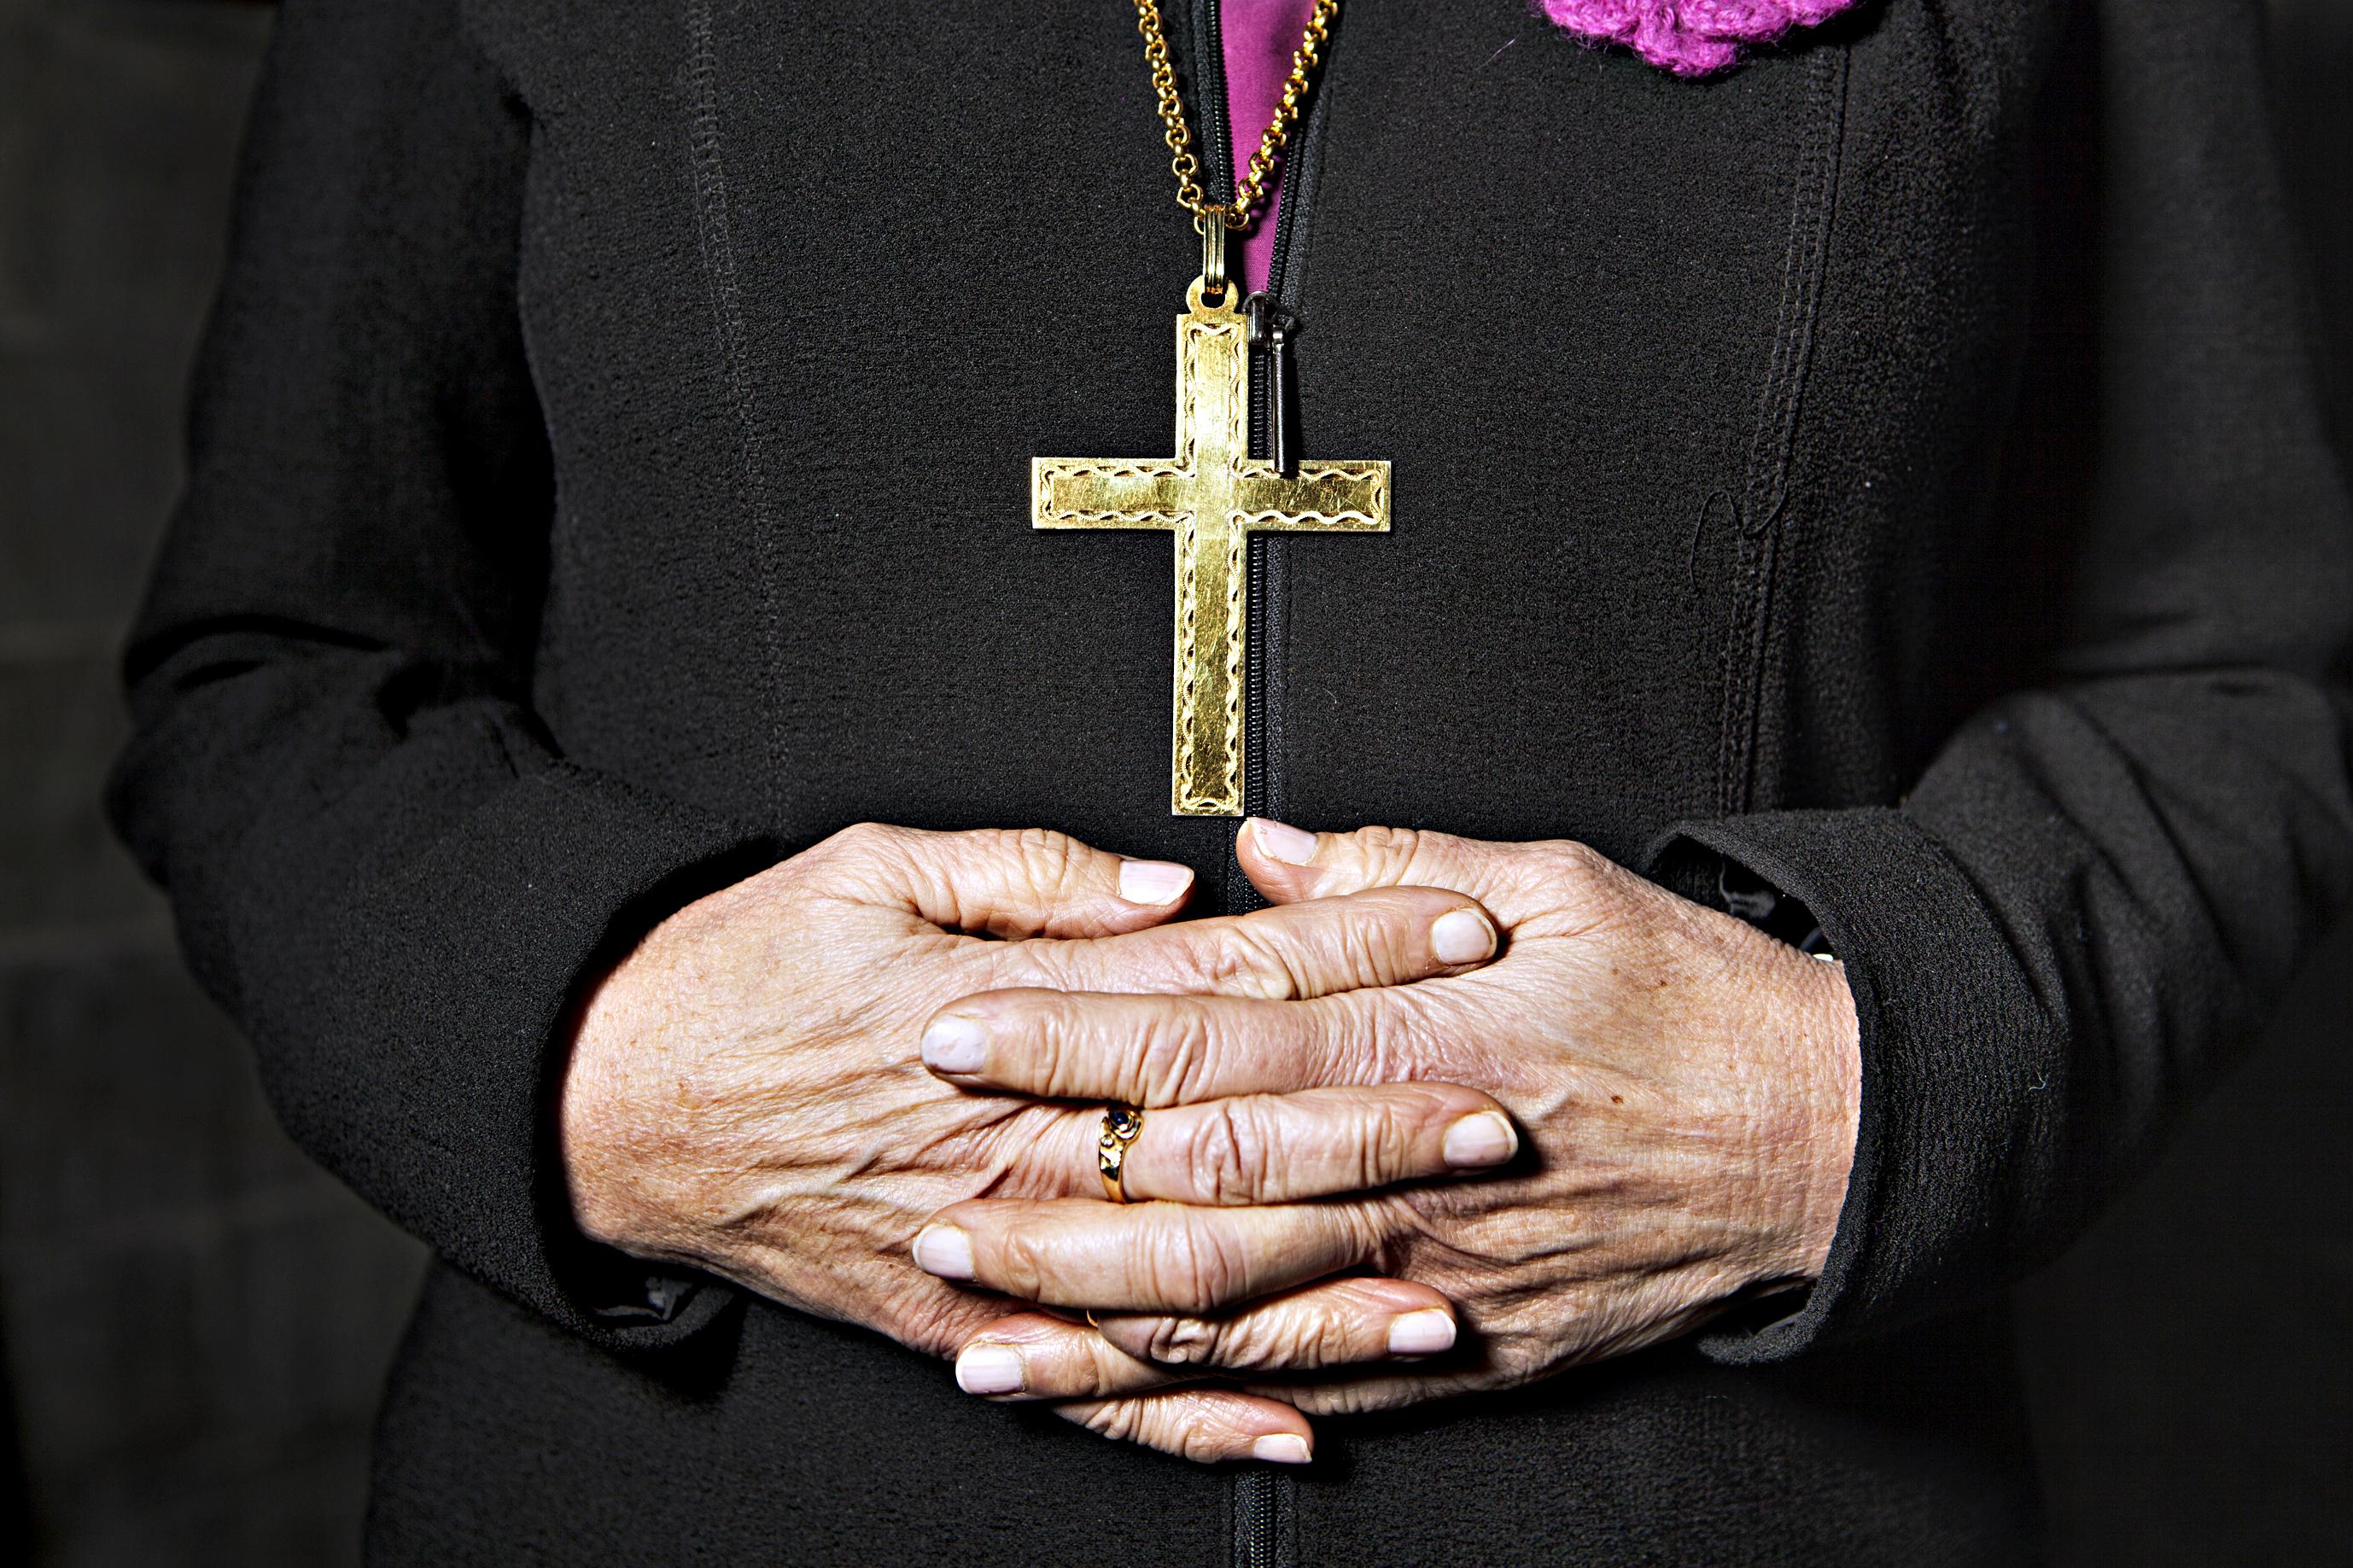 Kirken ønsker ressursprester, omsorgsprester, sjelesørgerprester, konfirmantprester, frivillighetsprester og prester med overskudd og engasjement til å utføre den viktige oppgaven de er satt til.